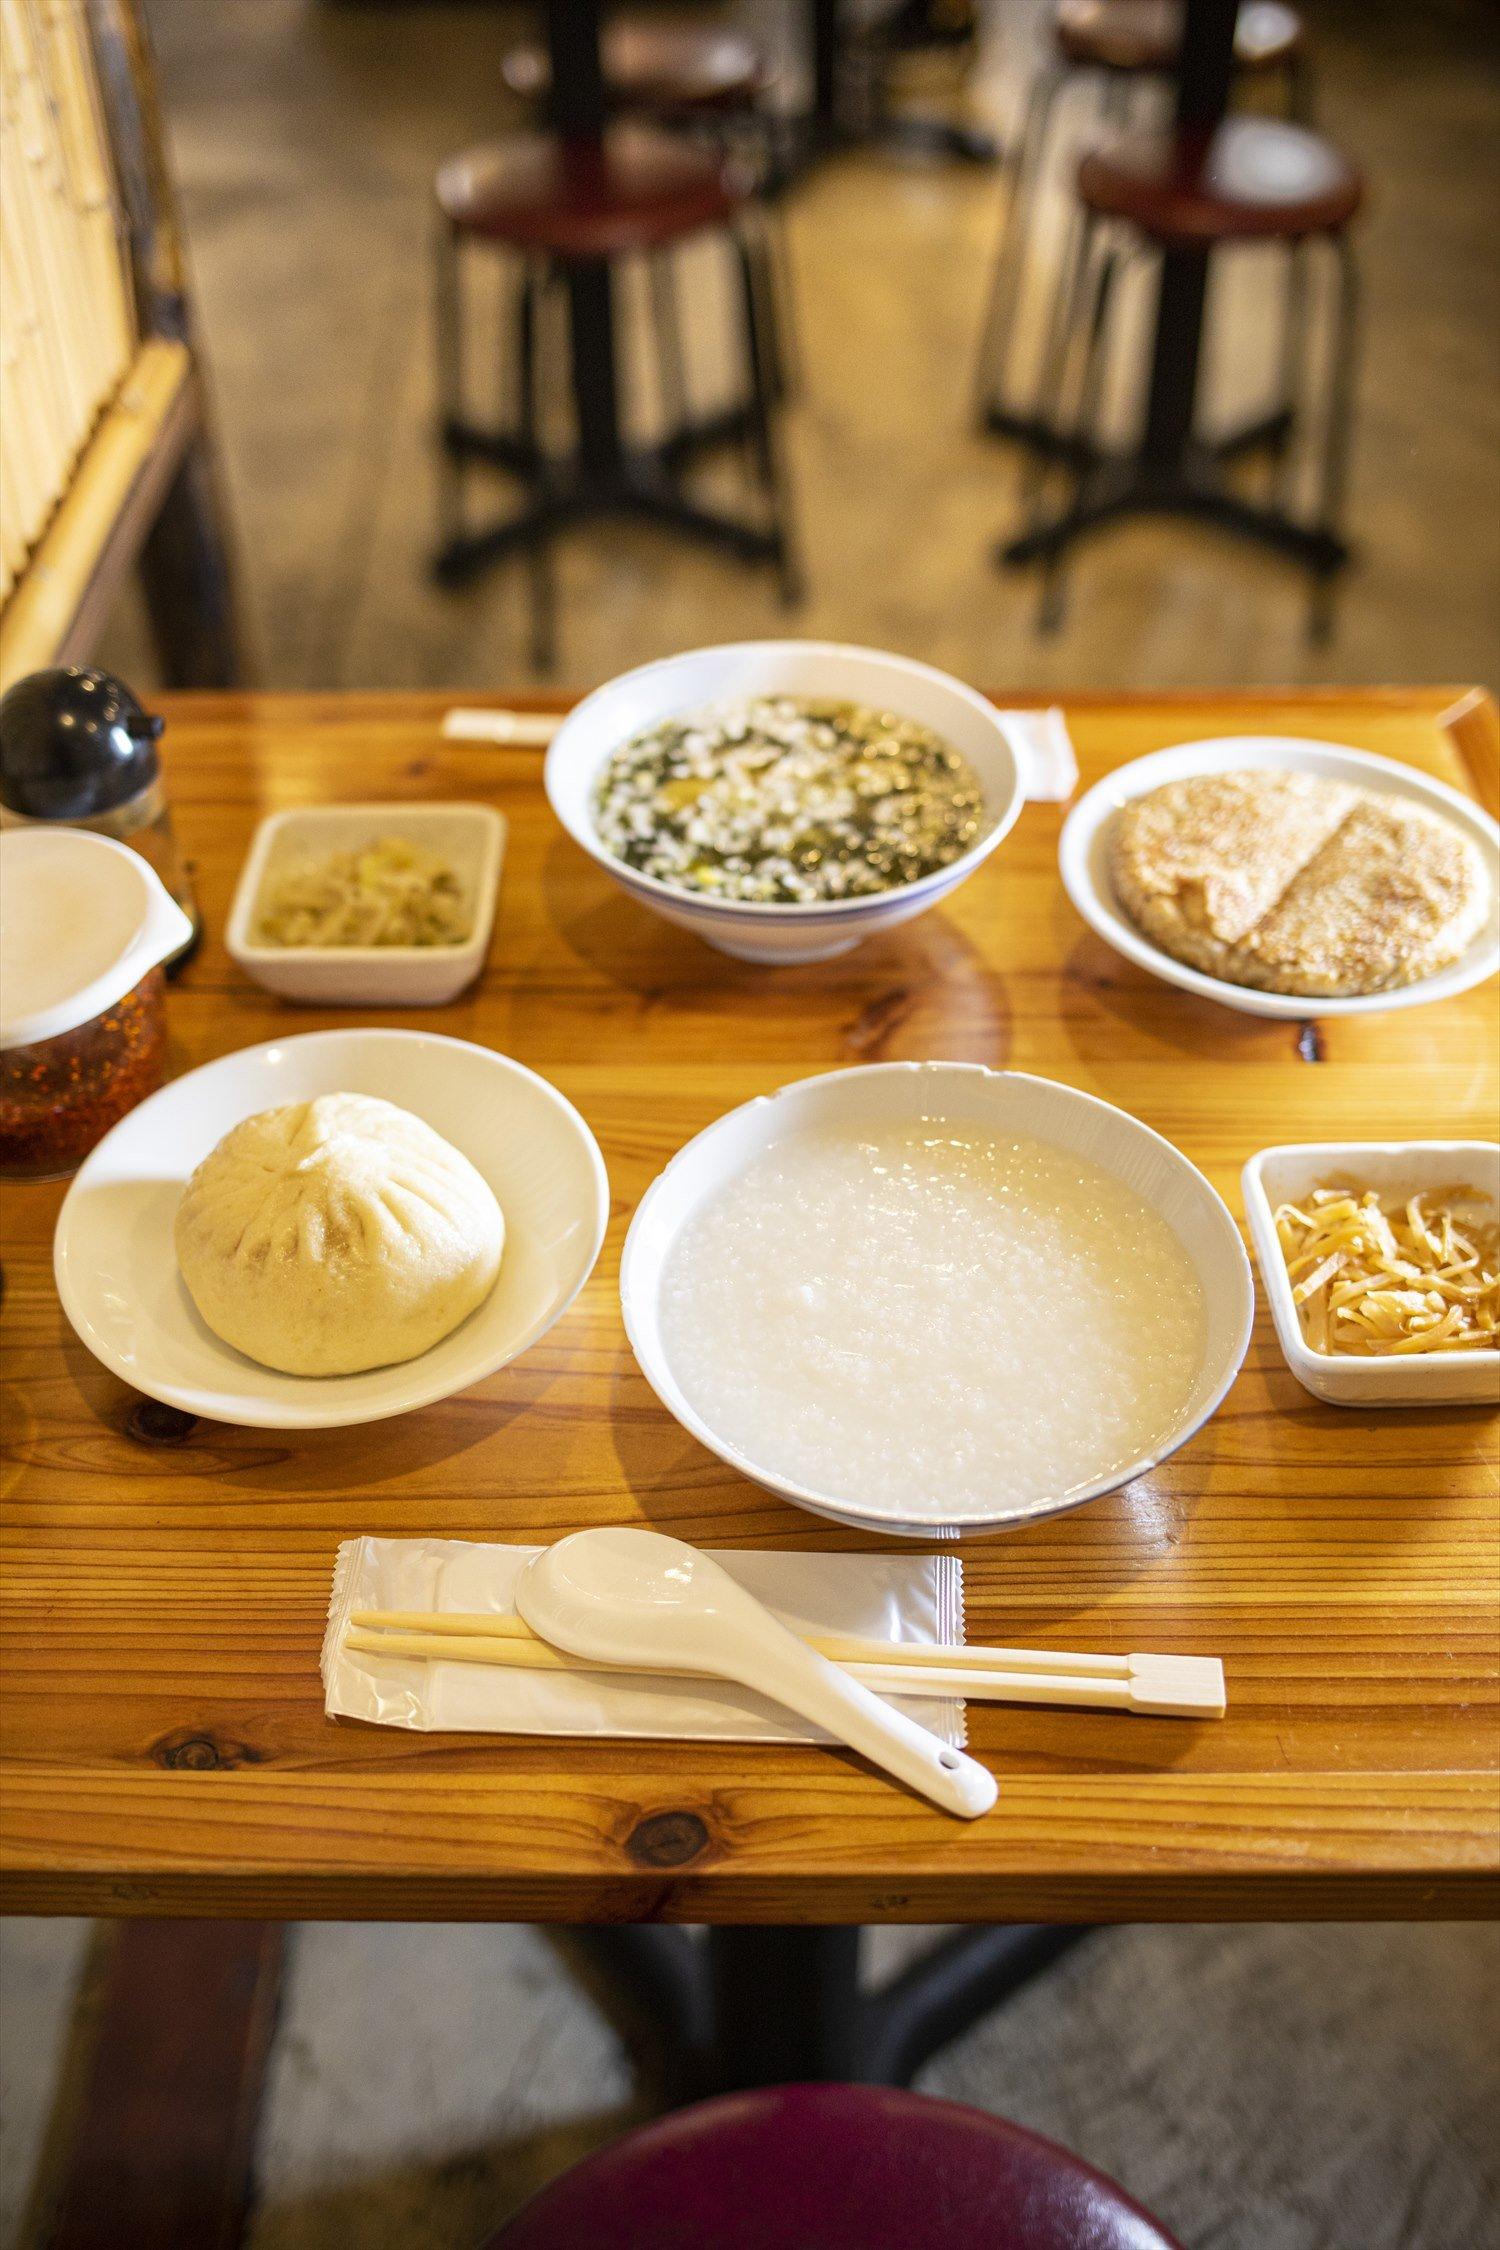 手前から肉まんと白粥セット、焼き餅と海苔雲呑スープセット。各日替わり漬物付き500円。